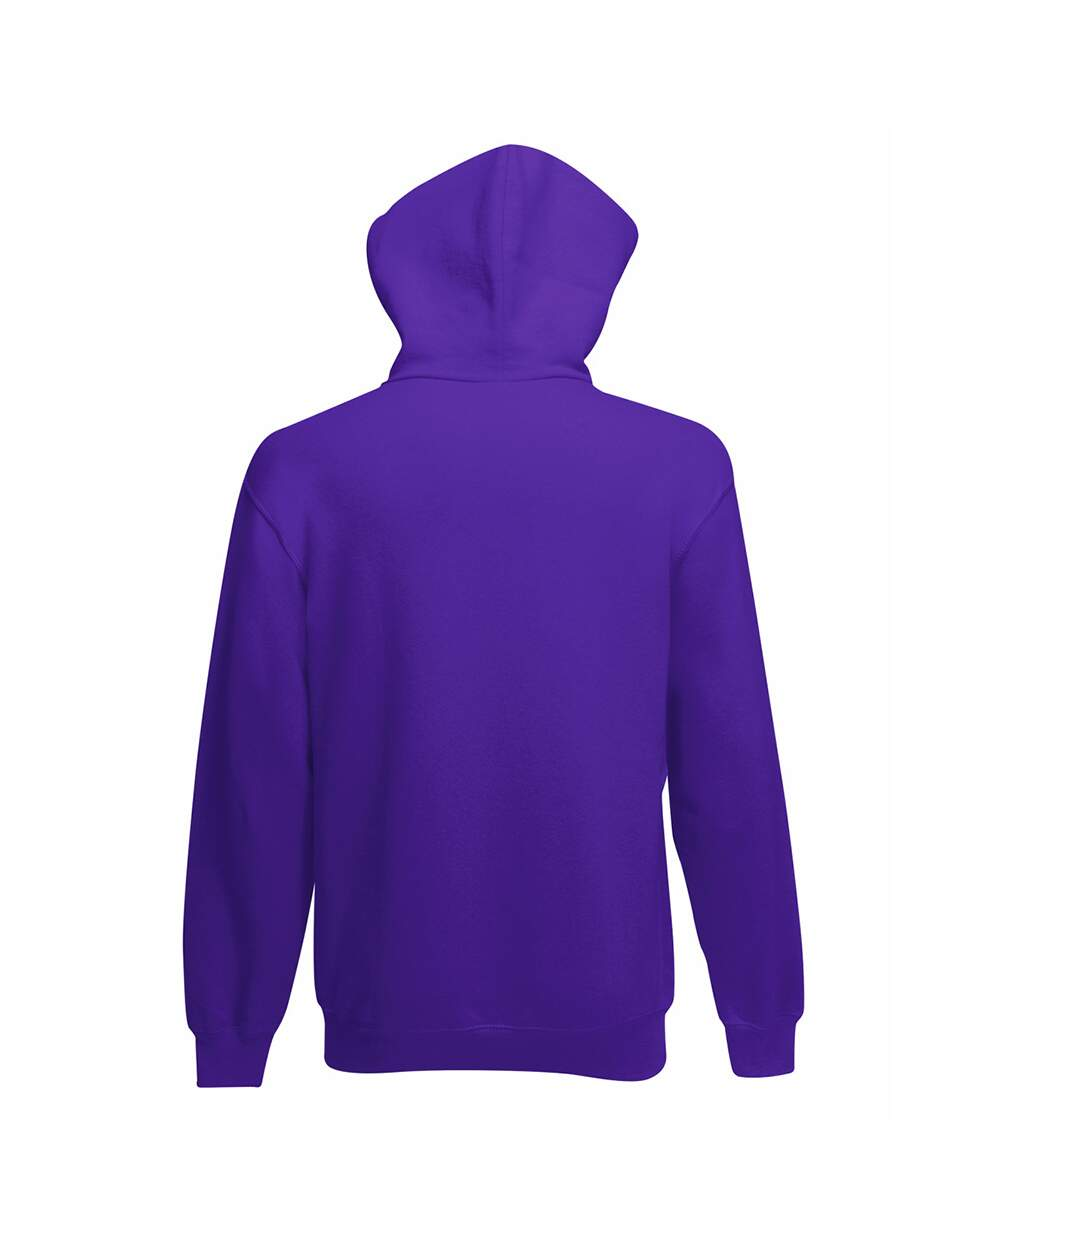 Fruit Of The Loom Mens Hooded Sweatshirt / Hoodie (Bottle Green) - UTBC366